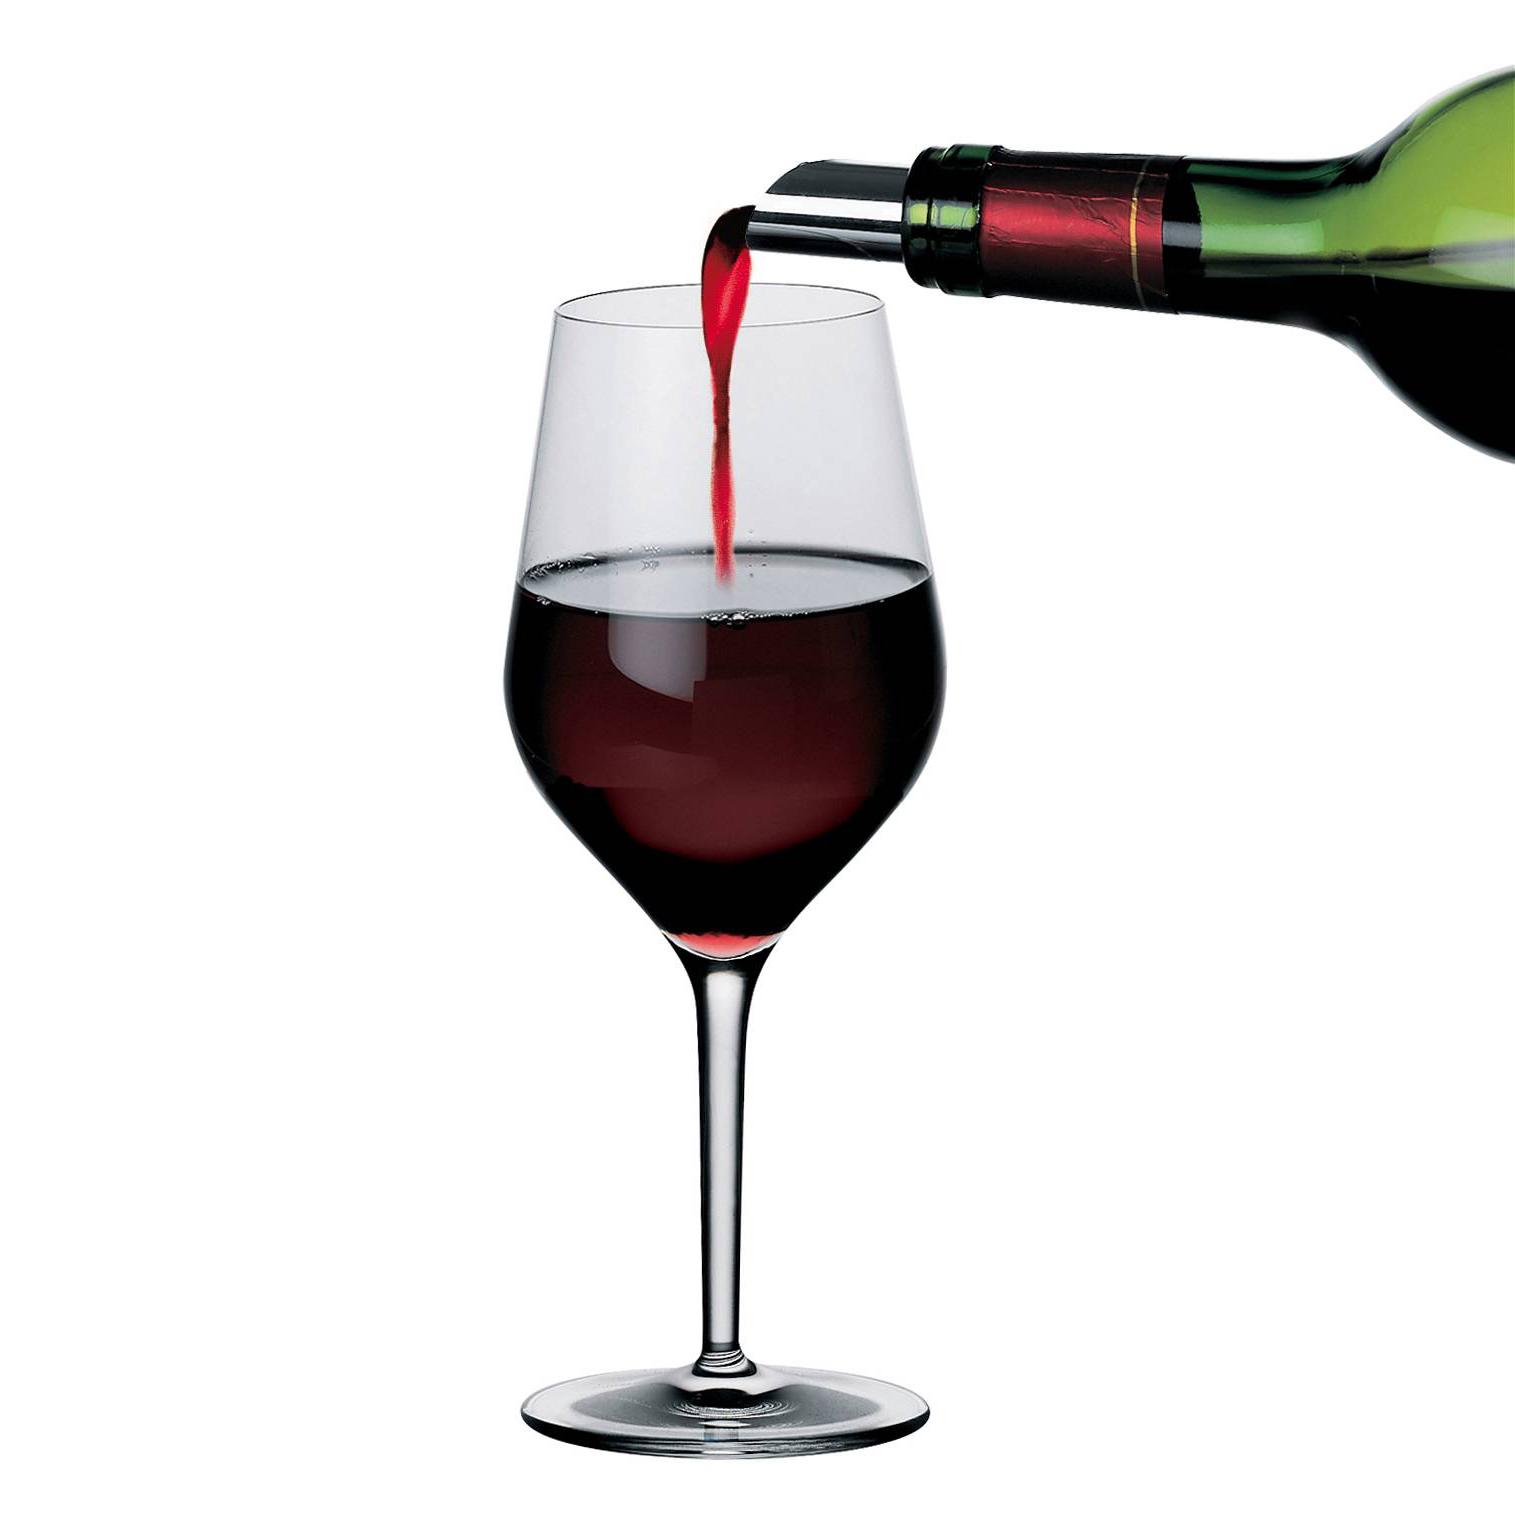 Le vin primeur : c'est quoi exactement ?